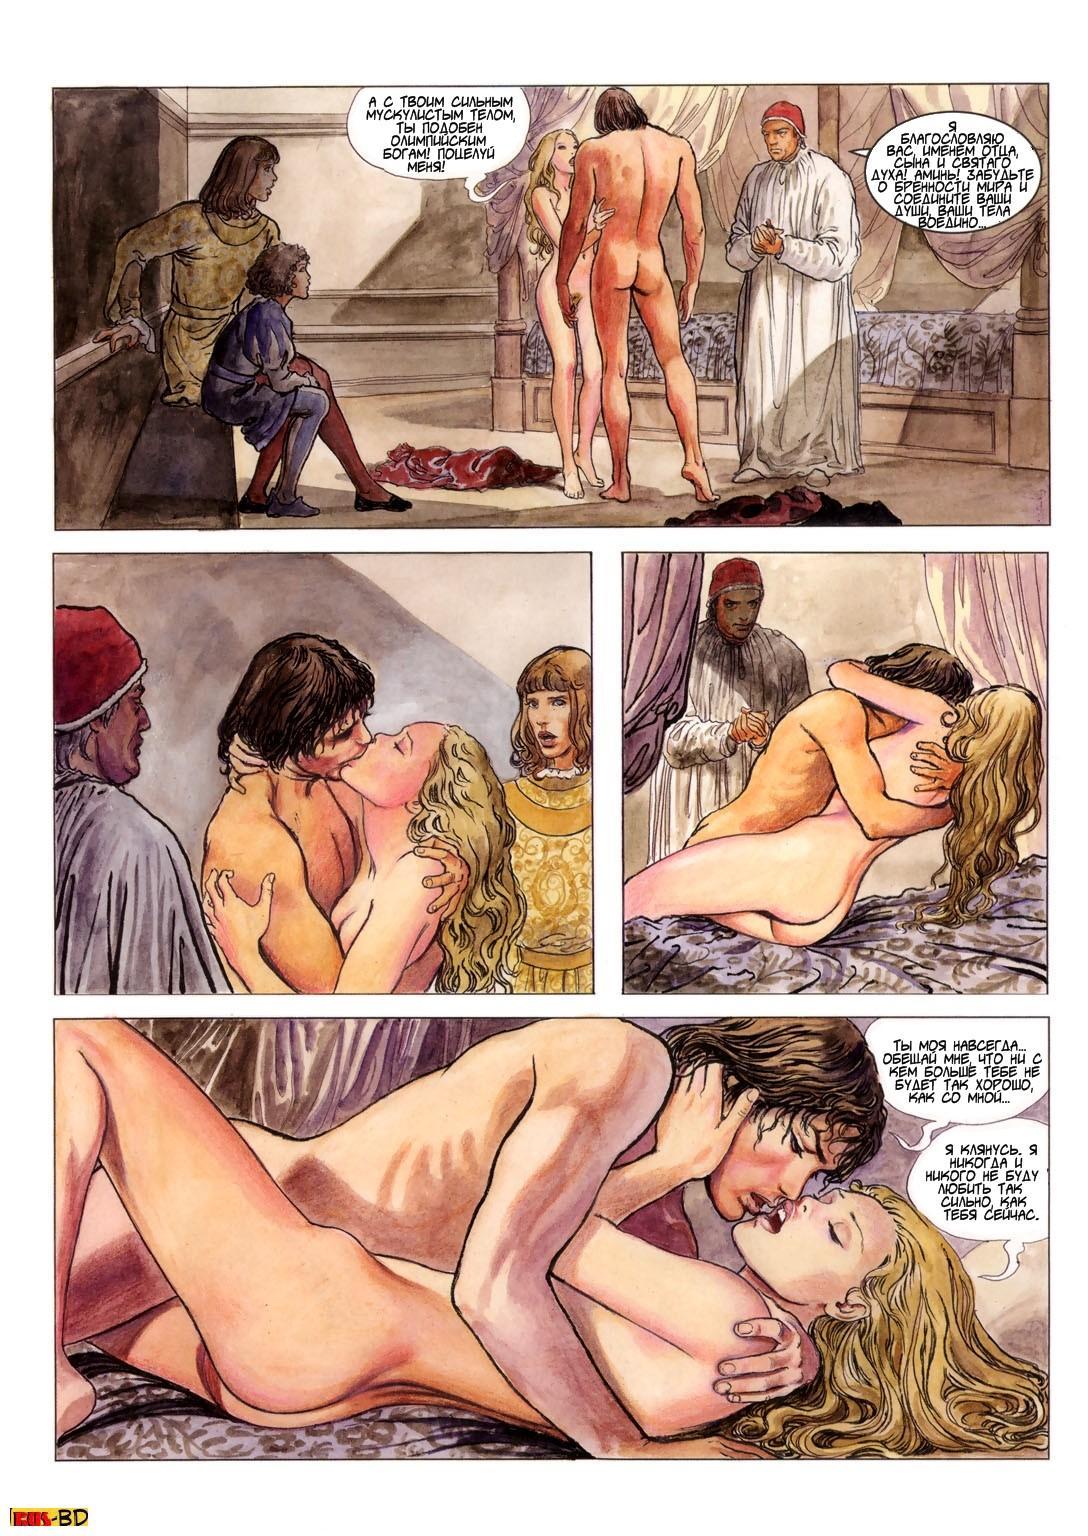 porno-s-istoricheskim-syuzhetom-besplatno